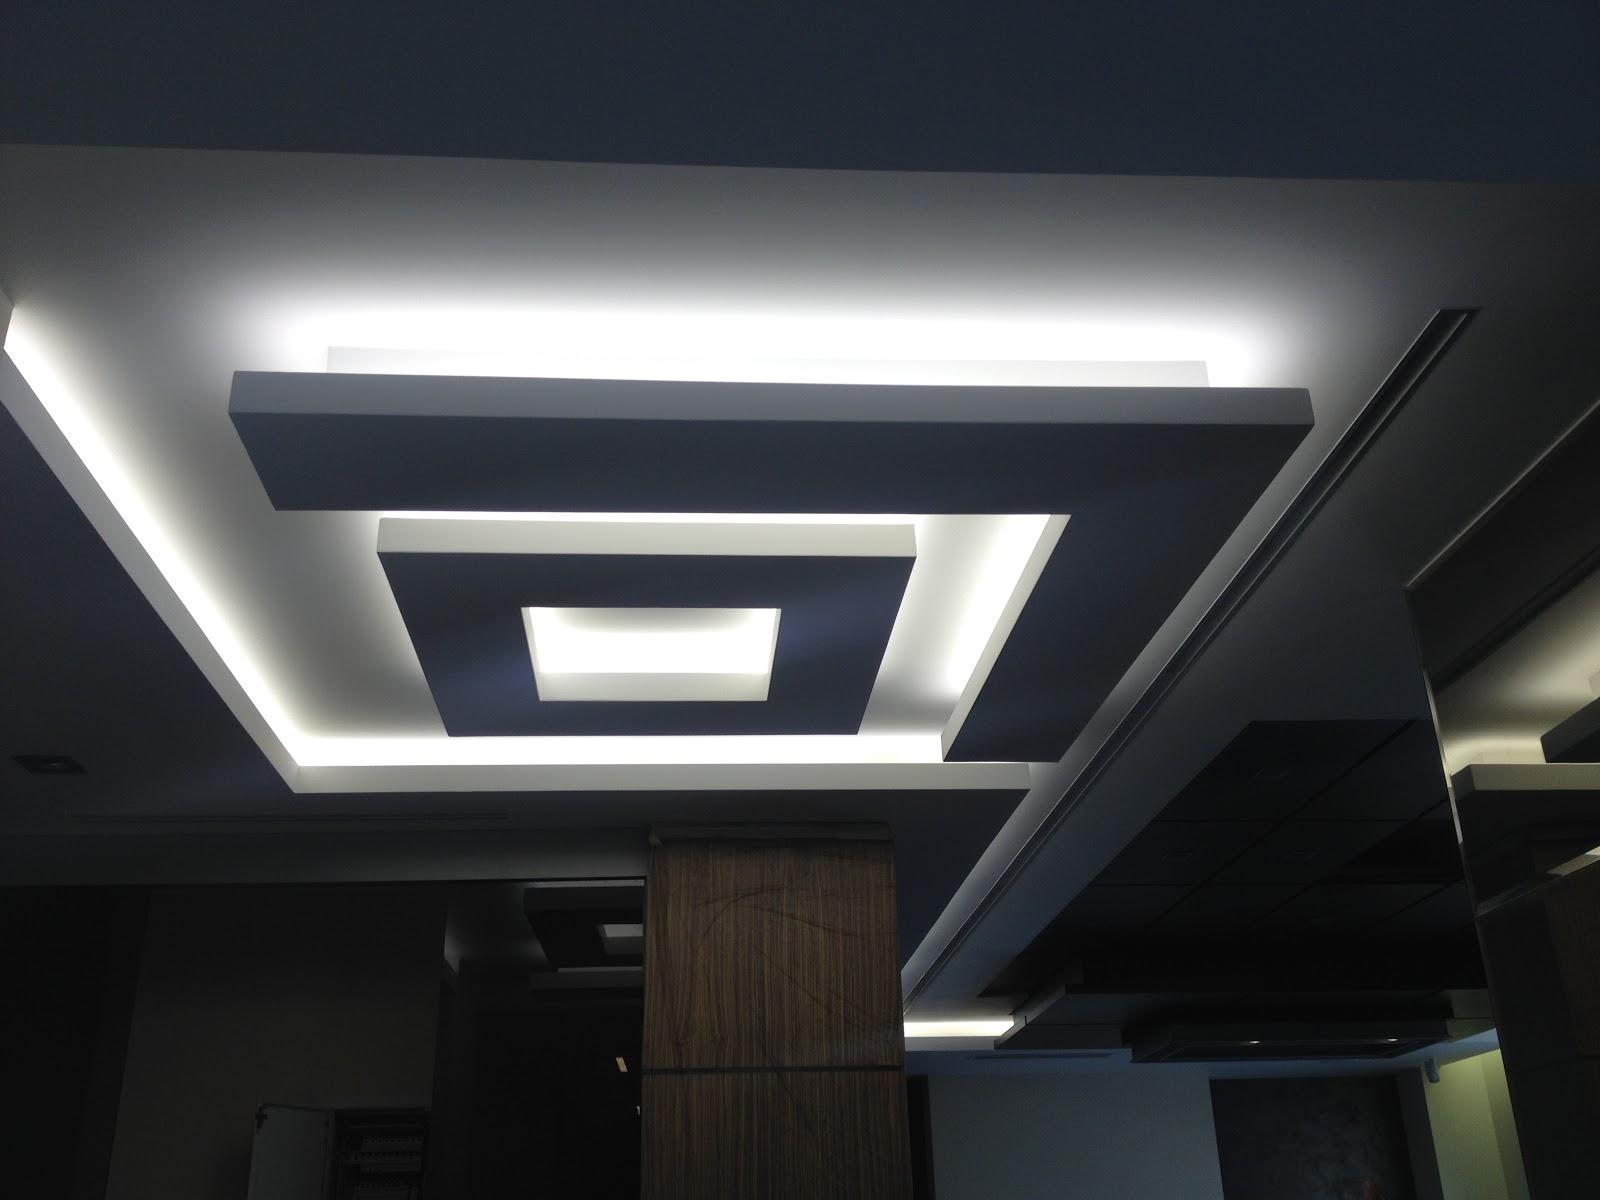 Многоуровневый потолок, важная деталь современного интерьера